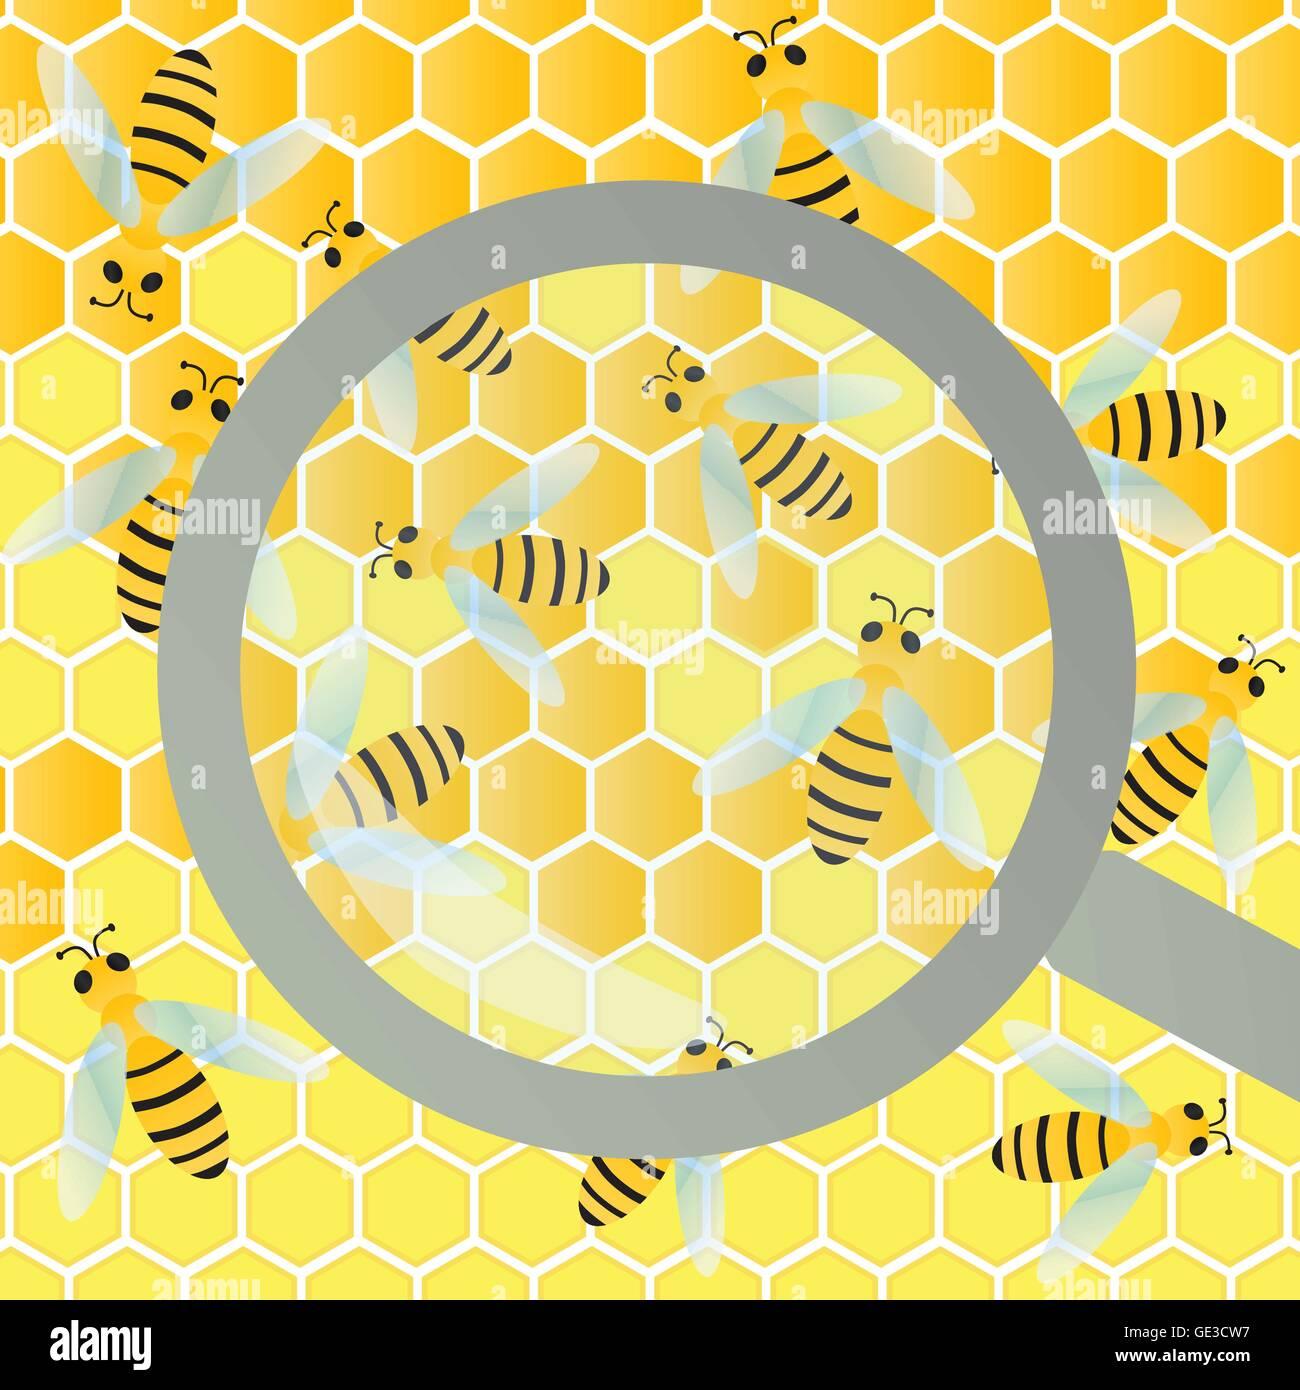 Colmena de abejas y cera de panal bajo la lupa de inspección de vidrio ilustración vectorial de fondo Imagen De Stock